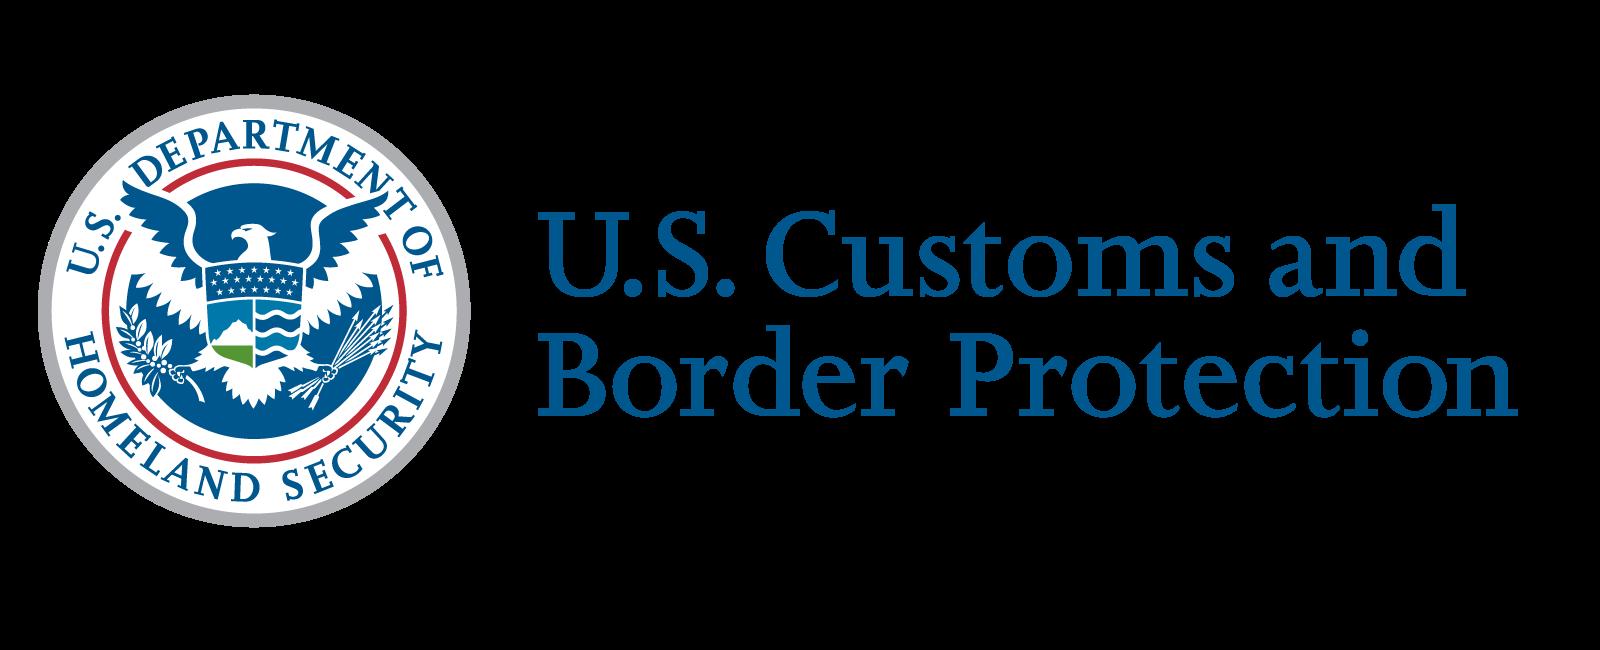 Image Source: U.S. CBP